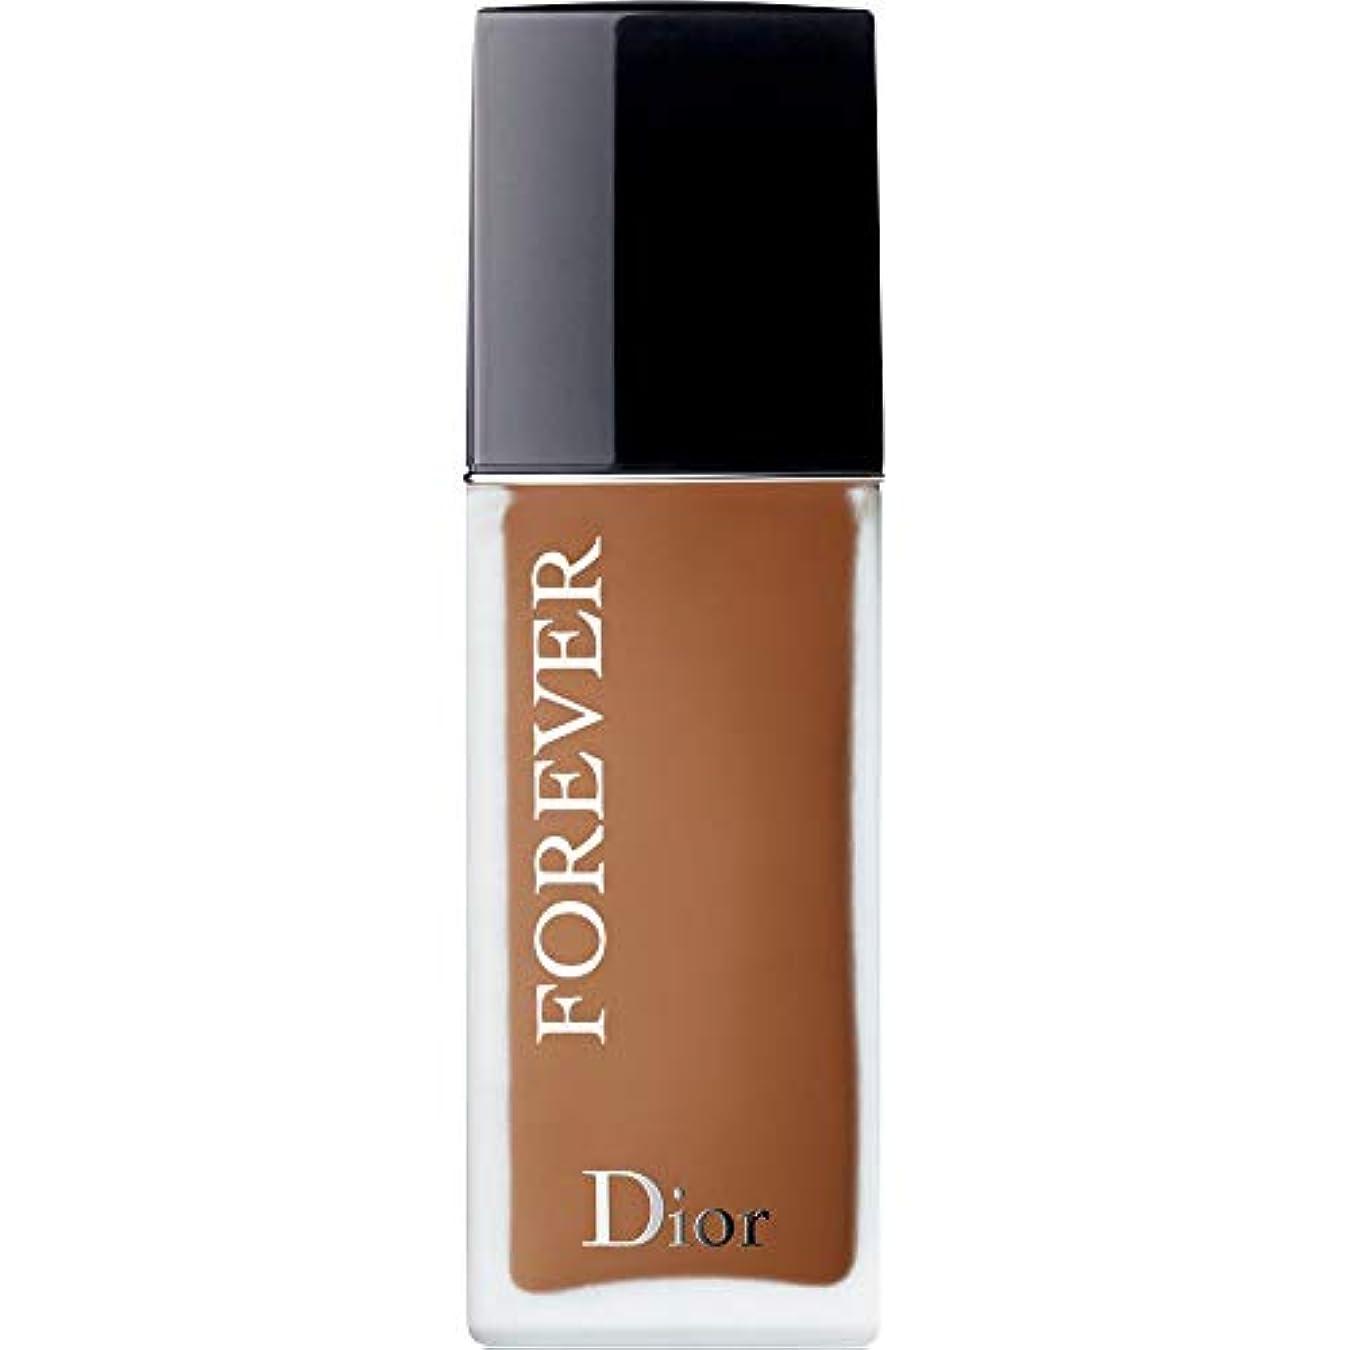 原子分析する行方不明[Dior ] ディオール永遠皮膚思いやりの基盤Spf35 30ミリリットルの6N - ニュートラル(つや消し) - DIOR Forever Skin-Caring Foundation SPF35 30ml 6N -...